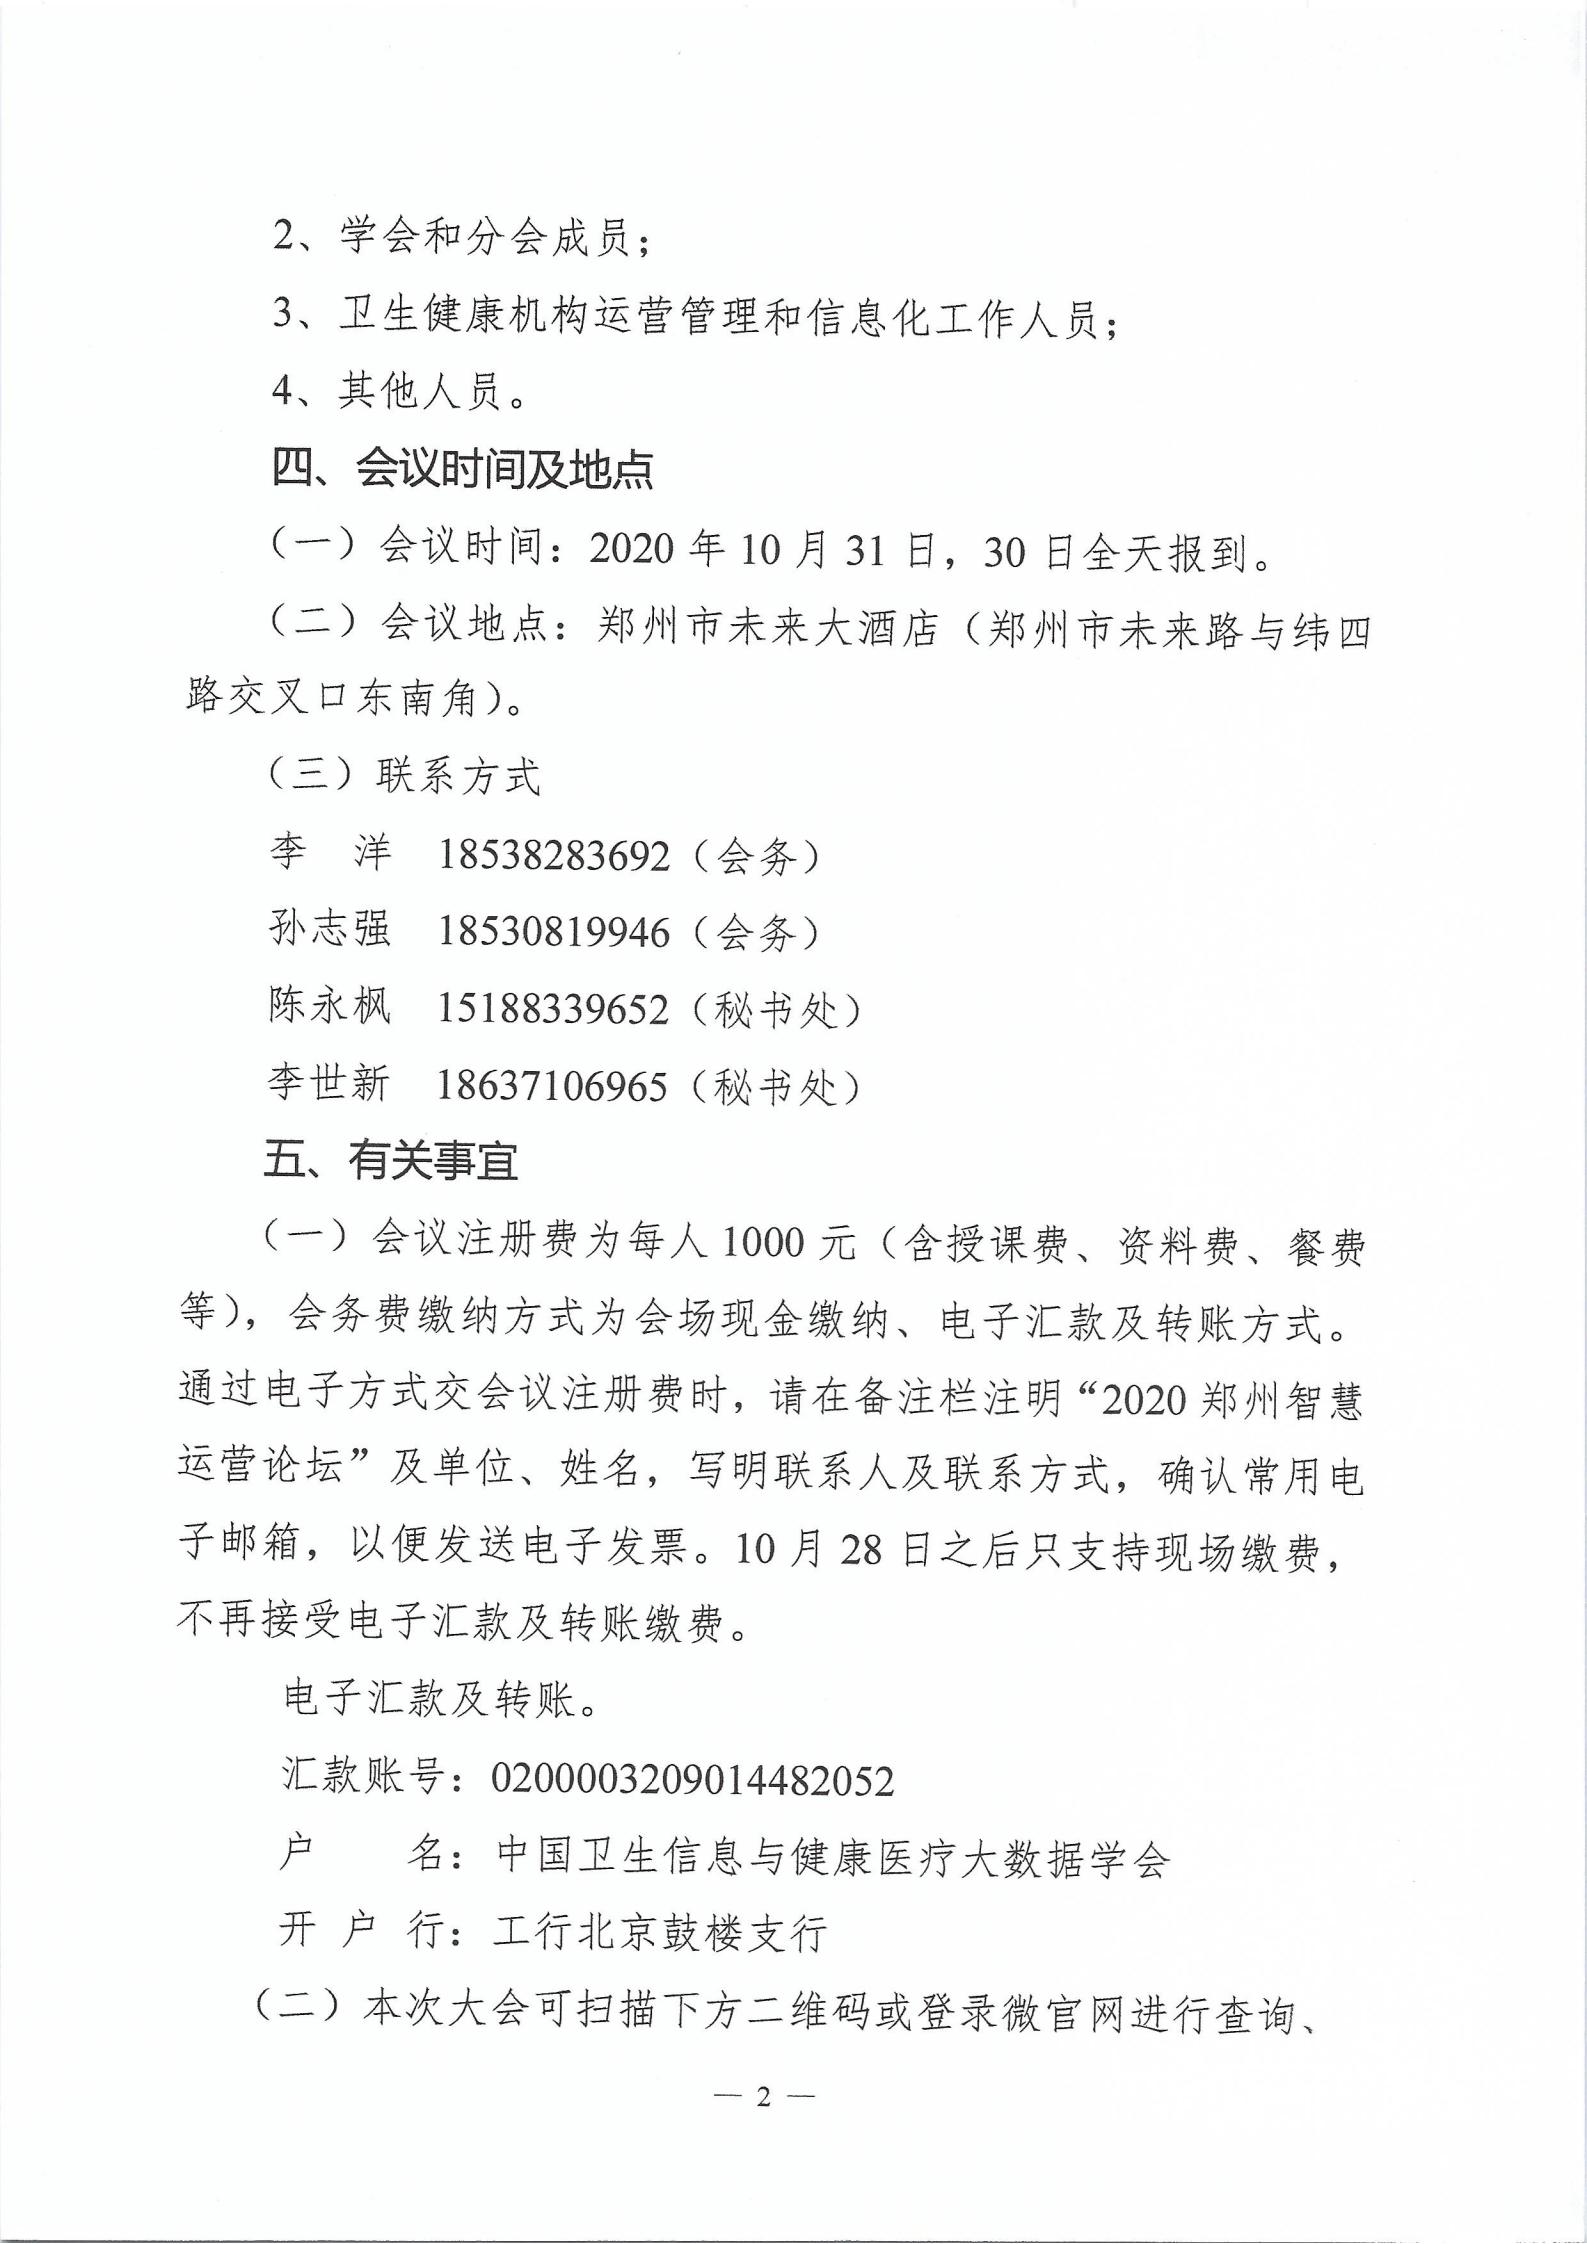 智慧运营管理服务分会2020年年会暨智慧运营高峰论坛通知_01.png